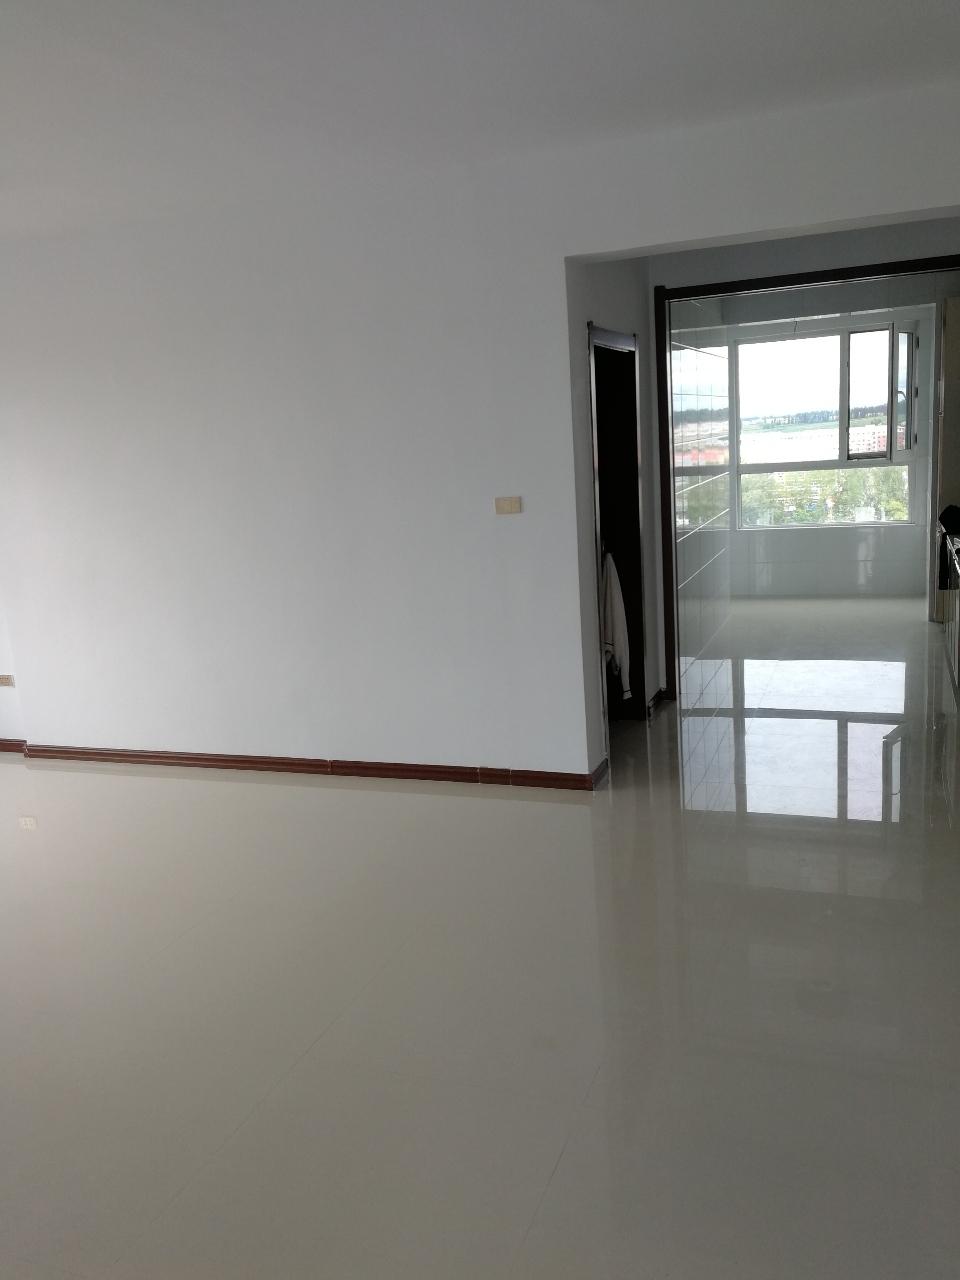 骊马精城校区高层3室 1厅 1卫26.5万元